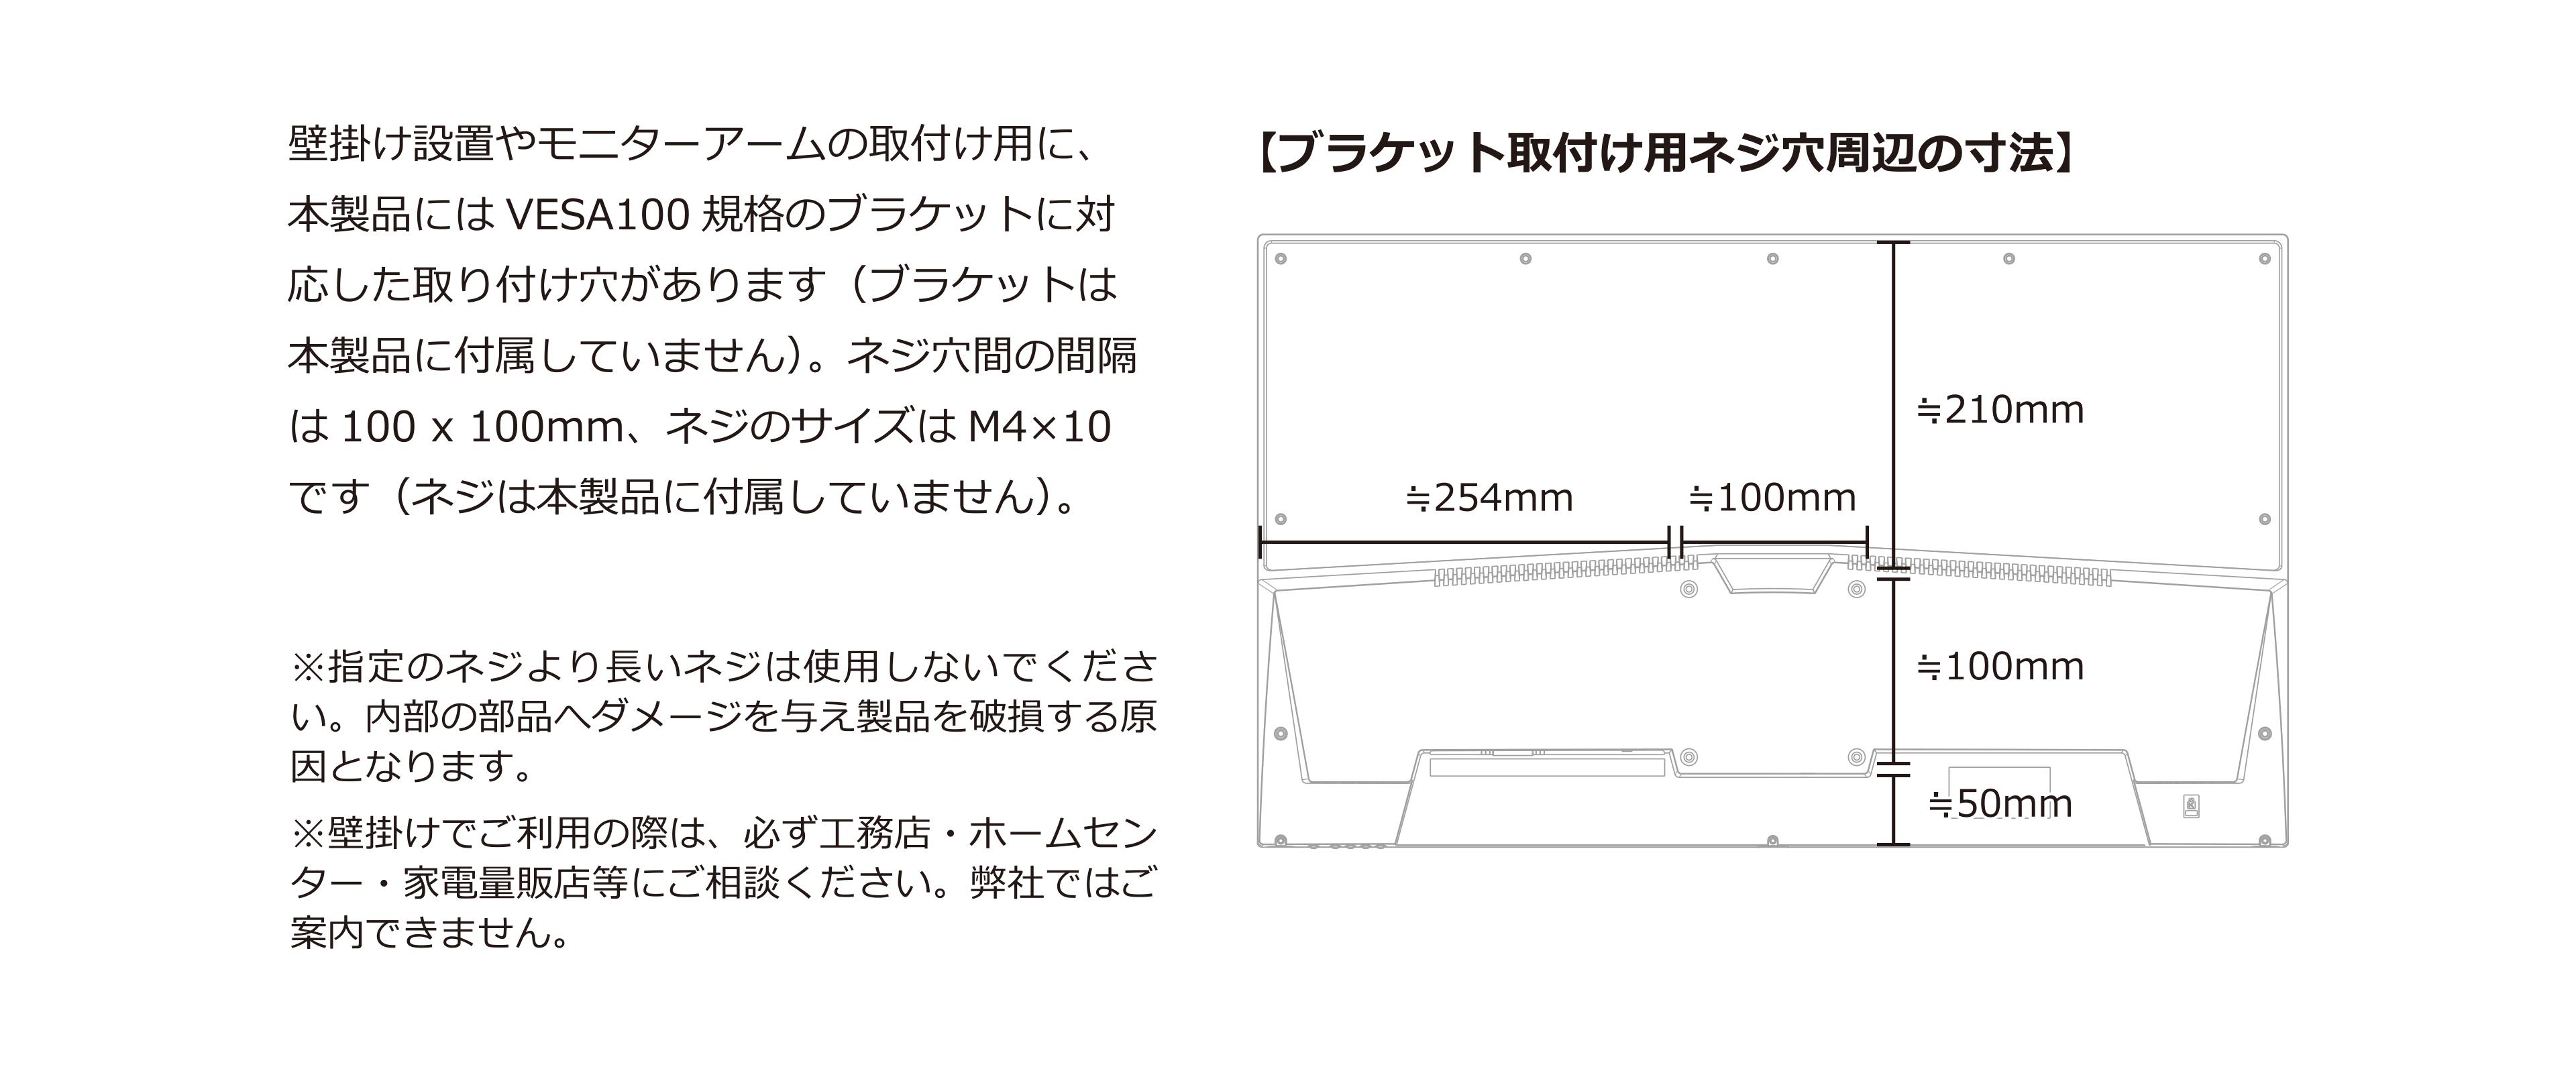 IRIE 4Kモニター 27インチ FFF-LD27P2